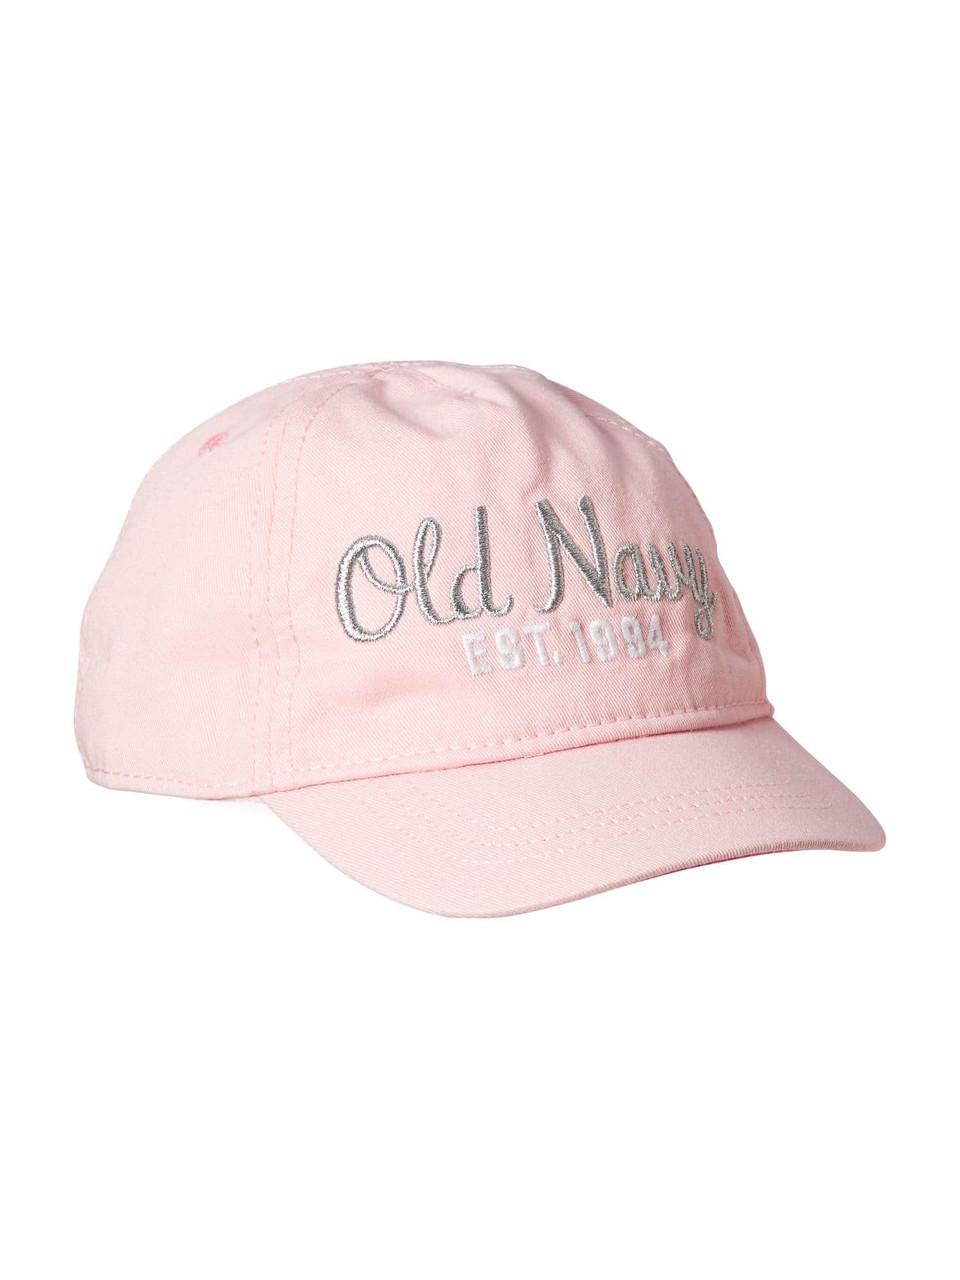 Розовая детская кепка (бейсболка) Олд Неви для девочки